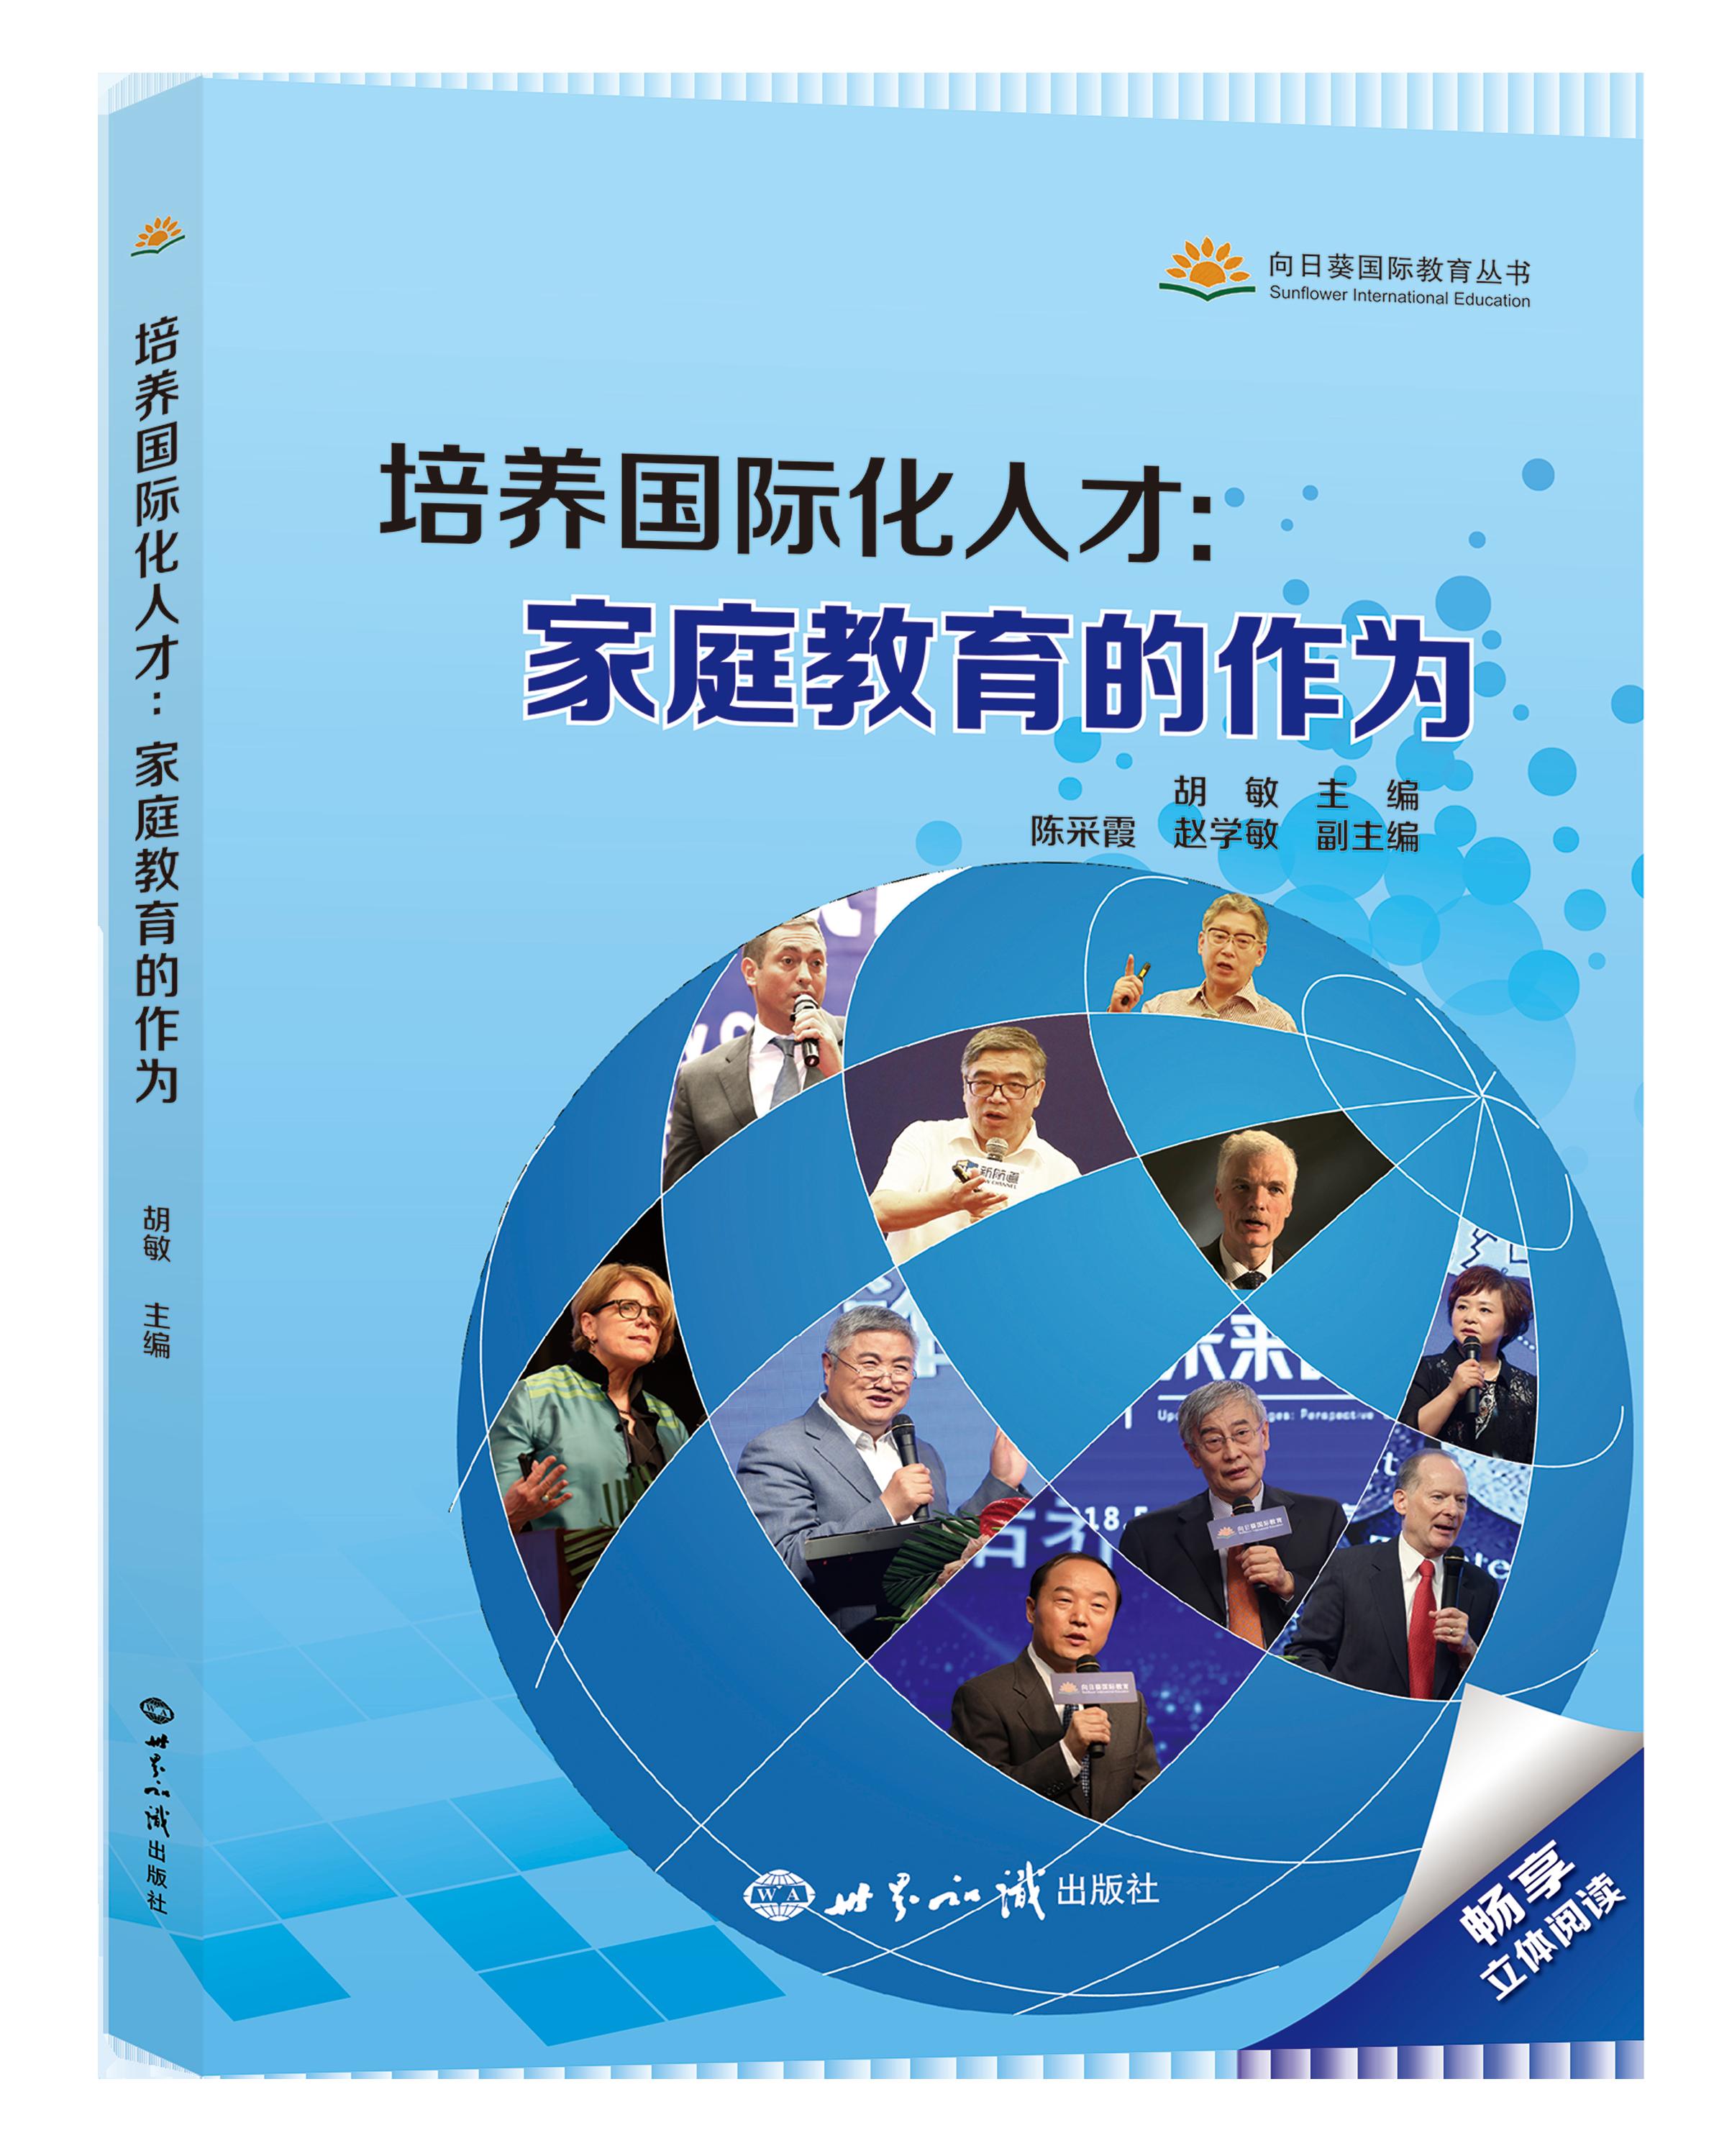 《培养国际化人才:家庭教育的作为》